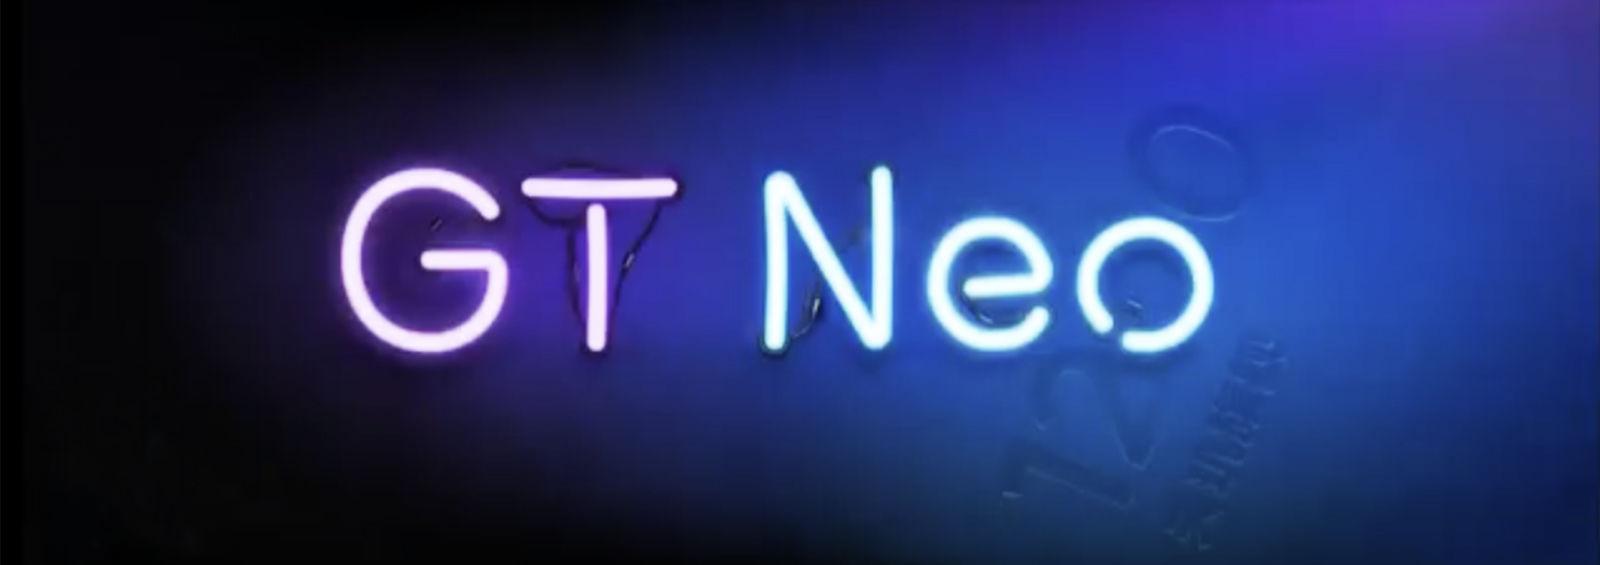 Realme GT Neo teaser image